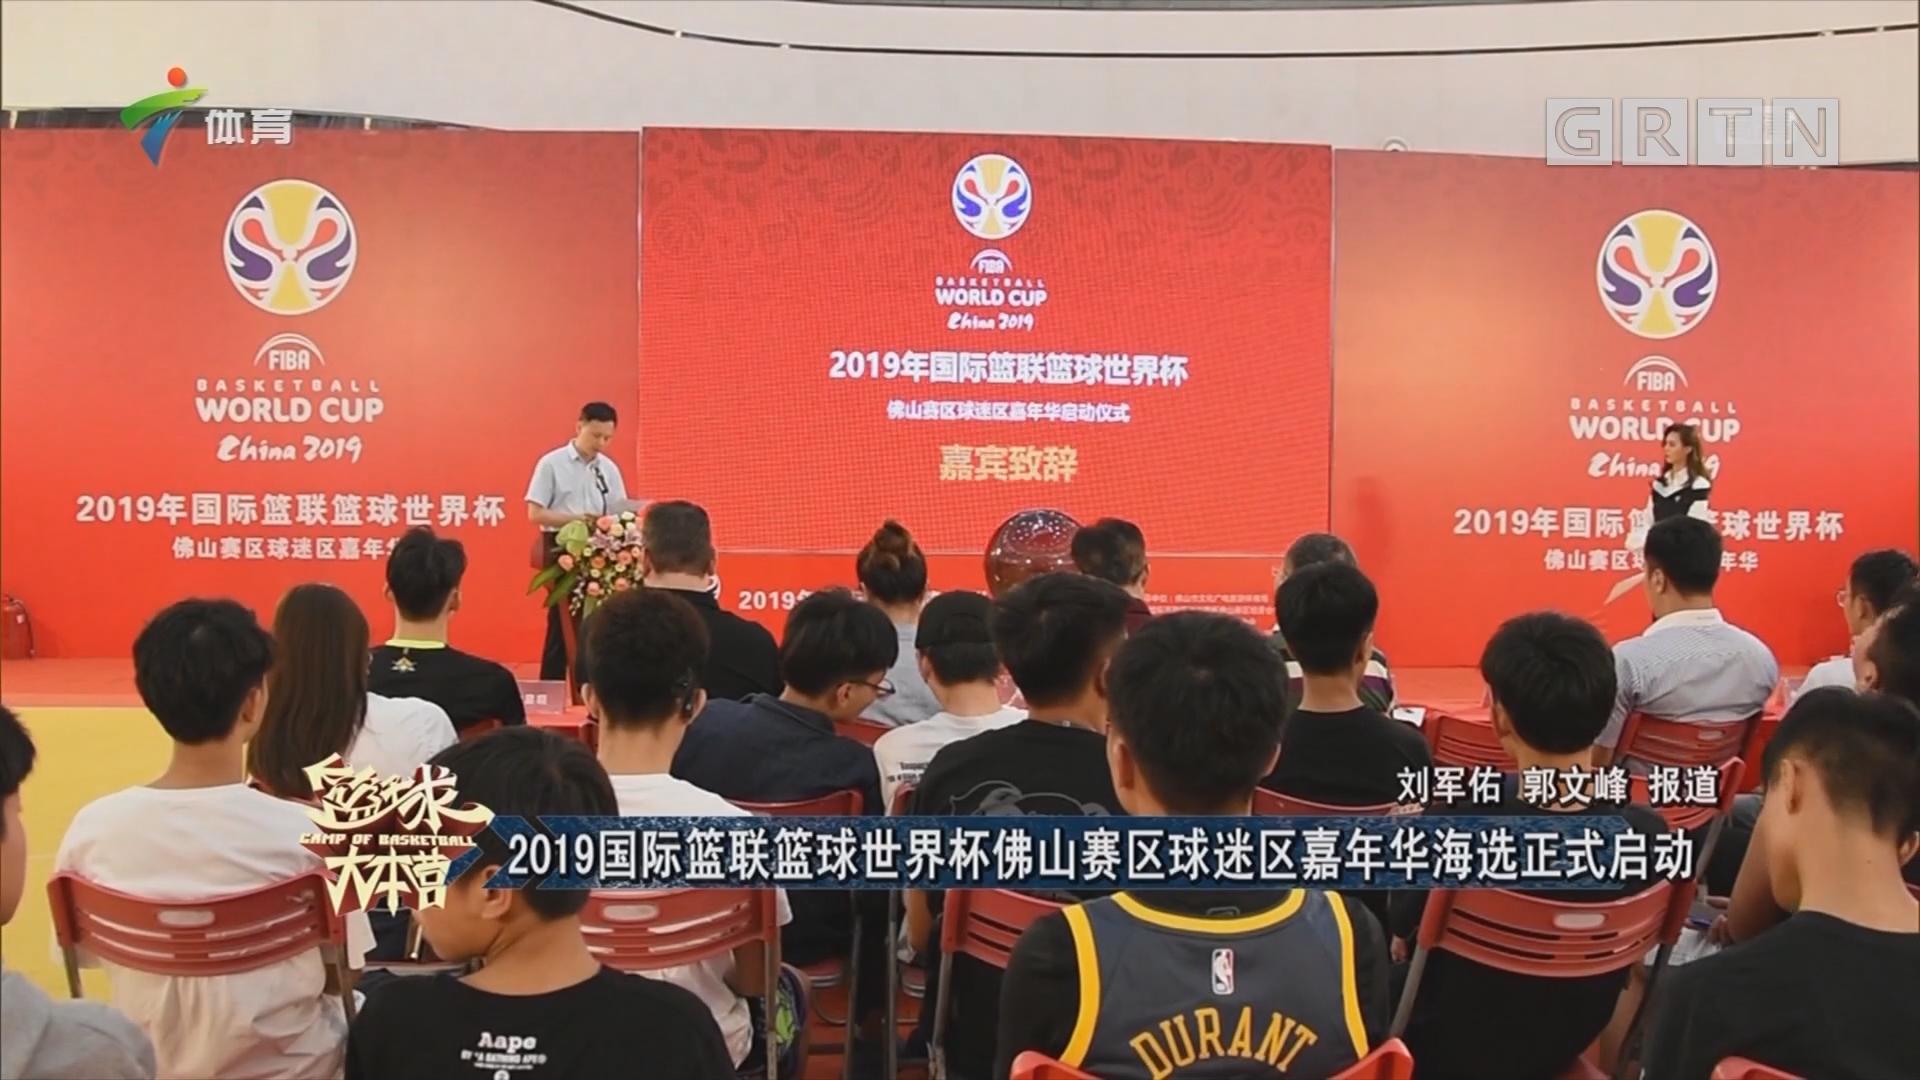 2019国际篮联篮球世界杯佛山赛区球迷区嘉年华海选正式启动